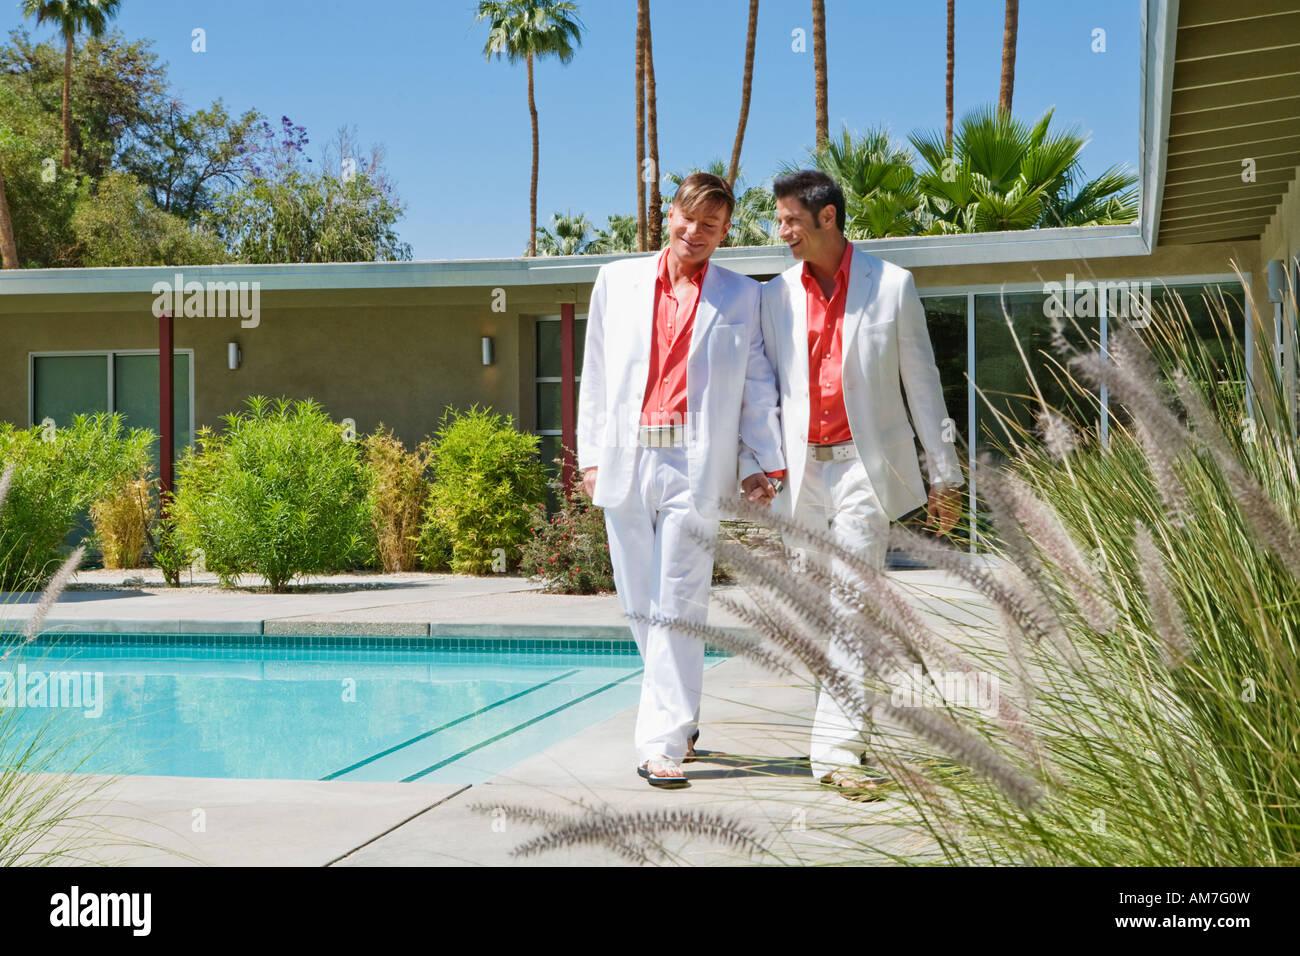 Una Pareja Gay Vestidos Igual Foto Imagen De Stock